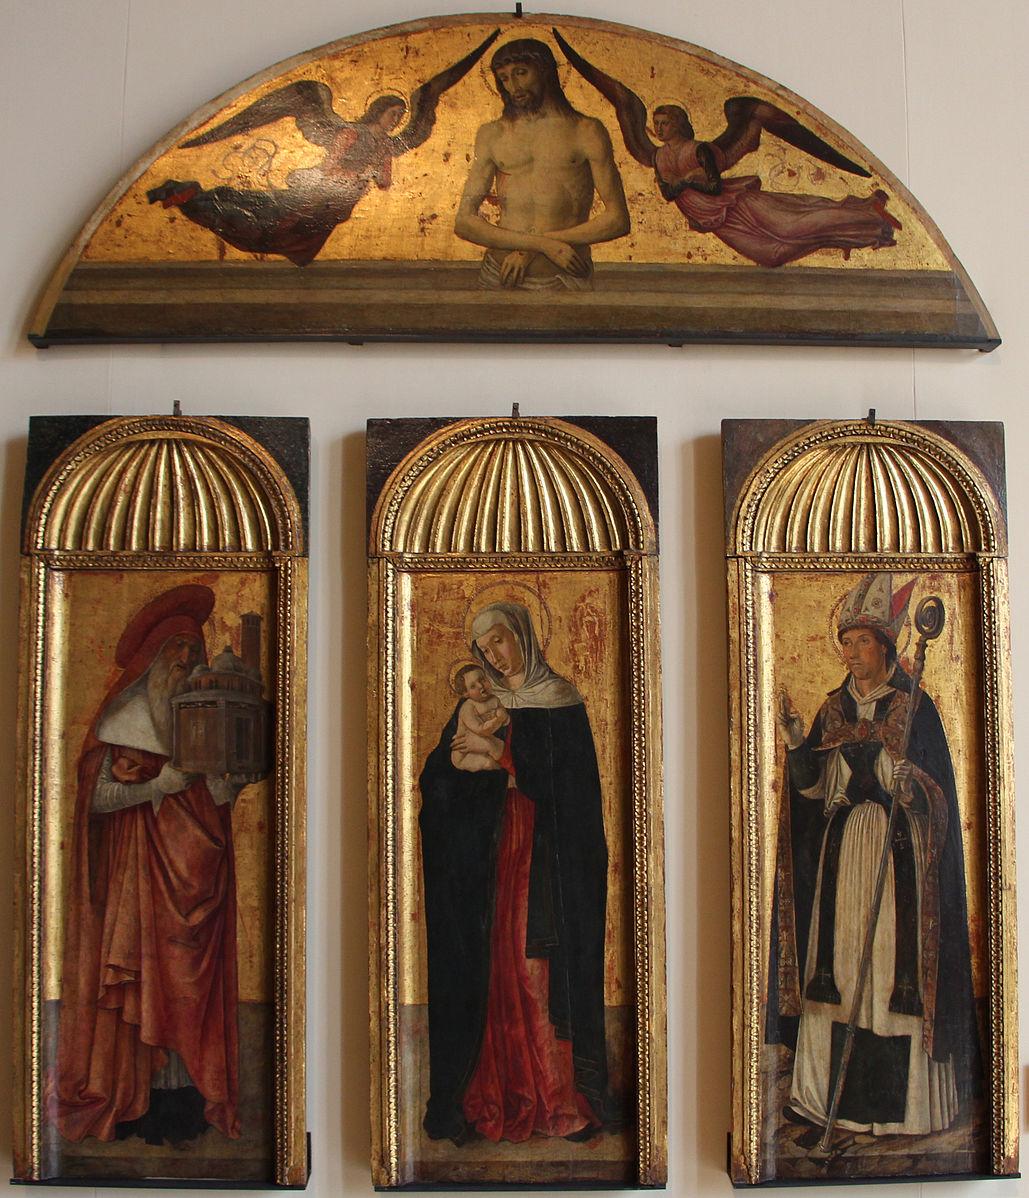 Jacopo,_gentile_e_giovanni_bellini,_polittico_della_madonna,_da_s.m._della_carita,_1464-70_ca. Accademia